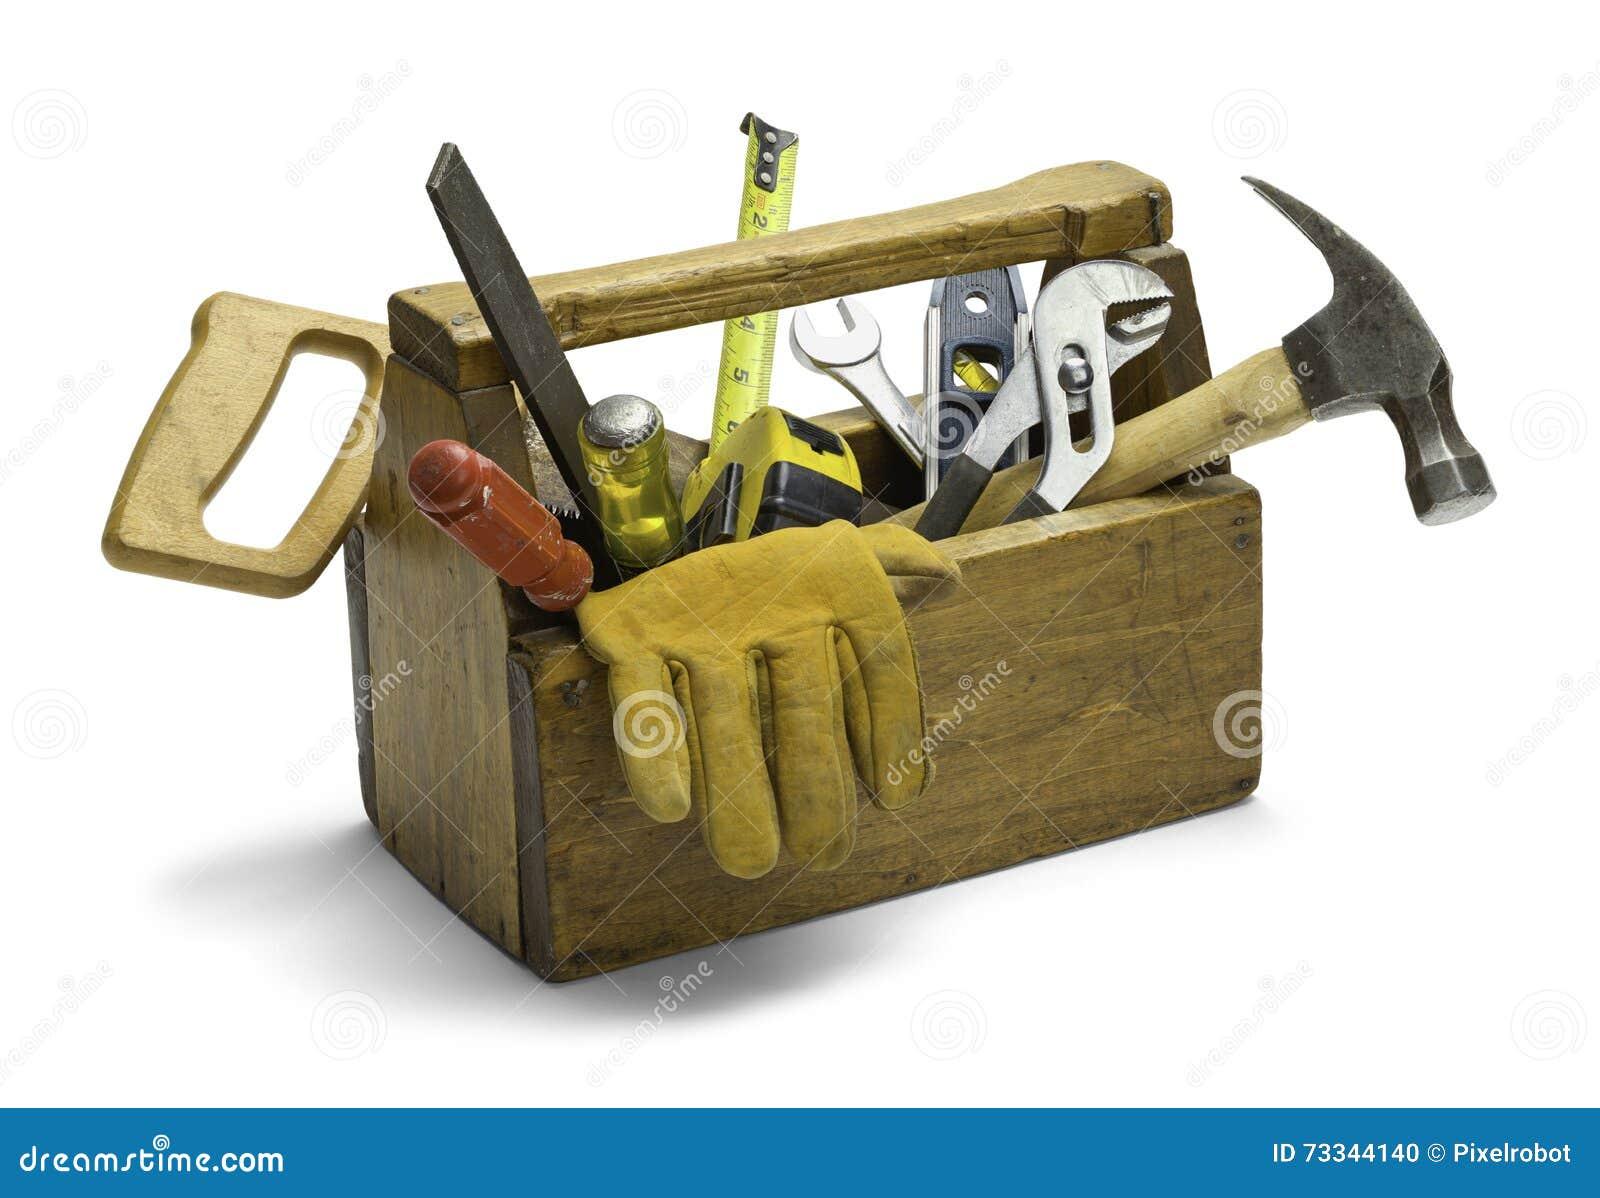 Caixa de ferramentas de madeira